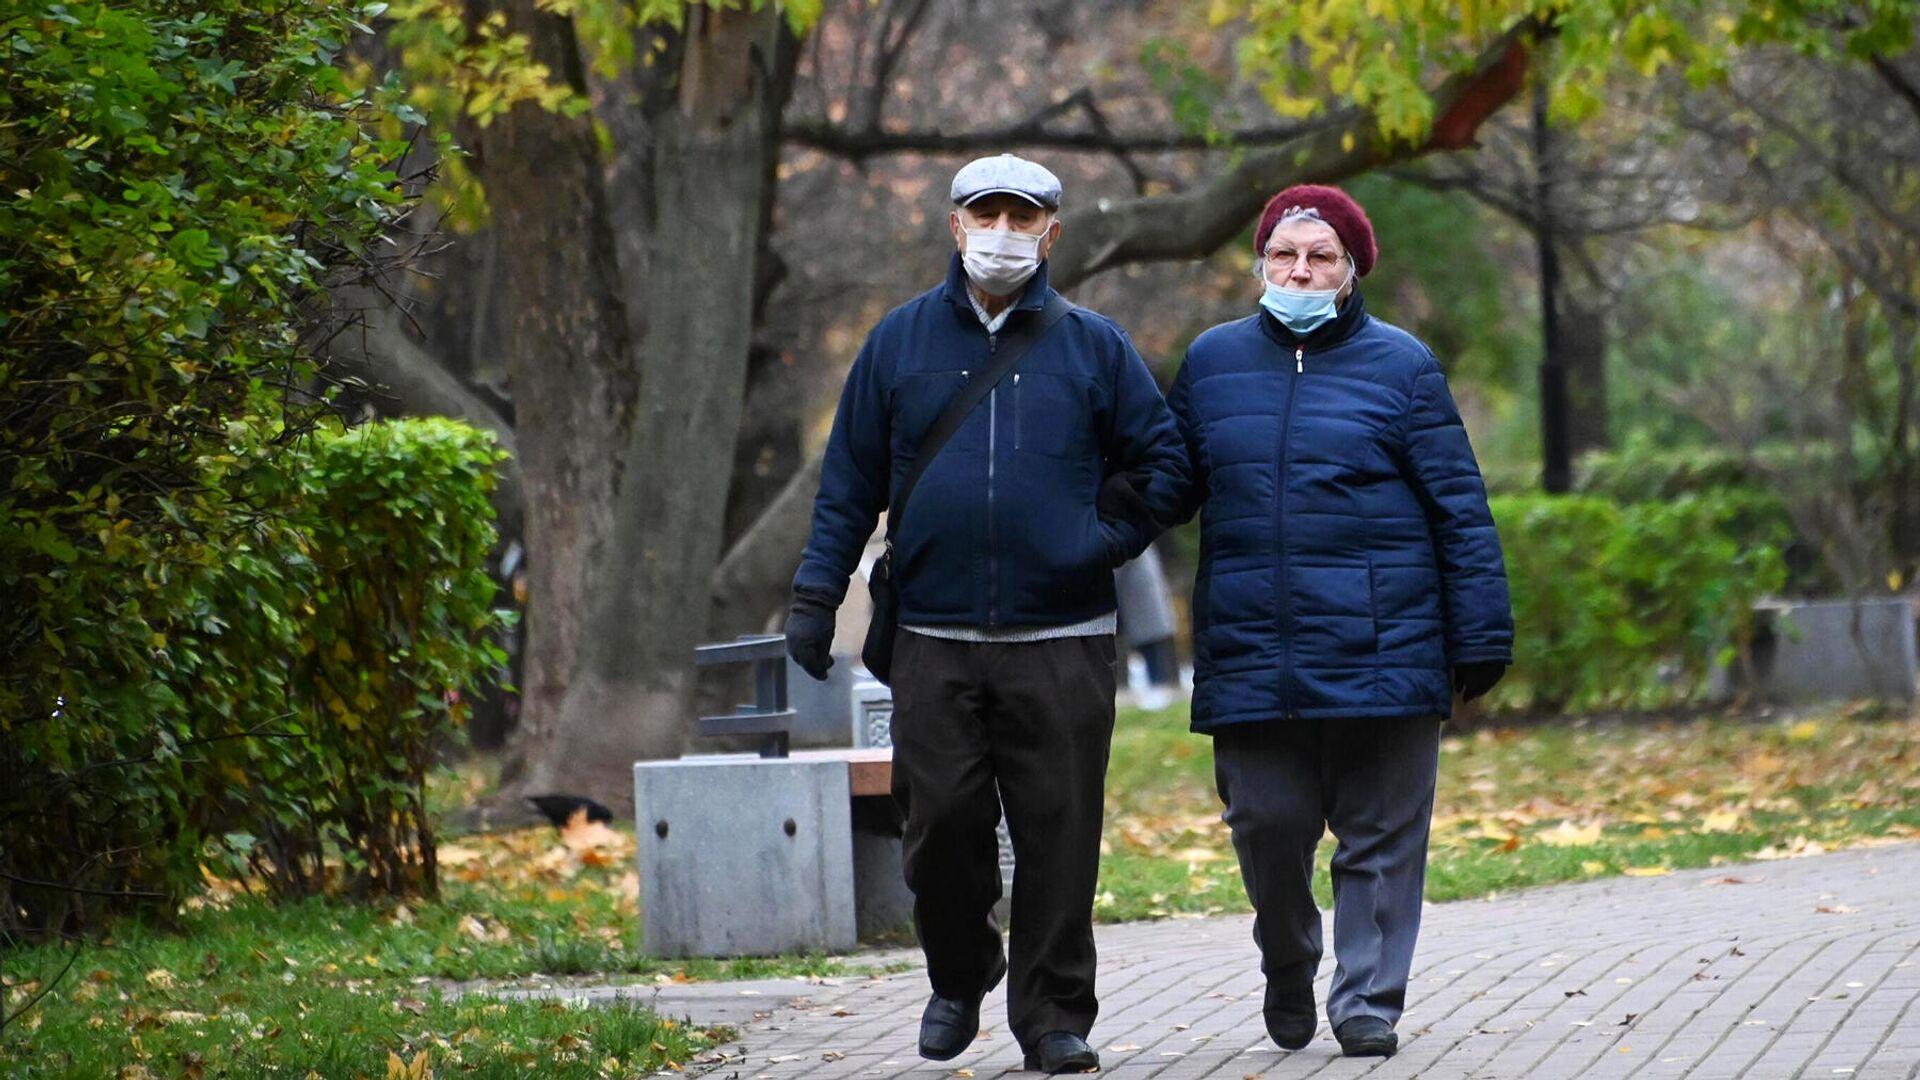 Прохожие в защитных масках на улице Гарибальди в Москве - РИА Новости, 1920, 27.11.2020